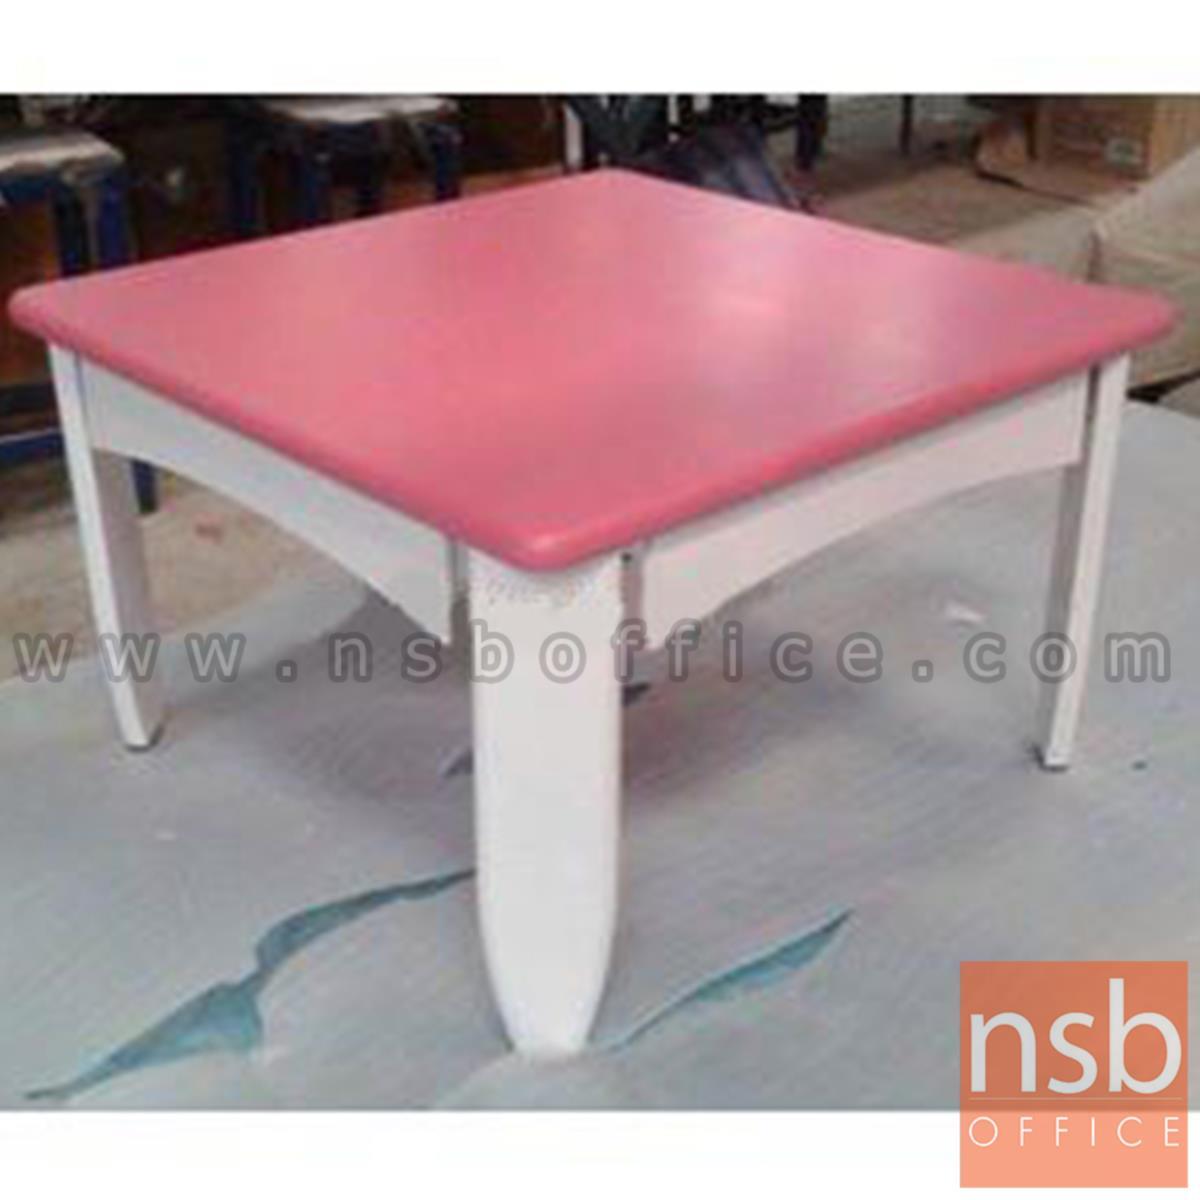 CL30461:โต๊ะญี่ปุ่นพับได้ ไม้ยางพารา 60*60*38 ซม. (สต็อก 4 ตัวหน้าร้าน)  สีสันสดใส